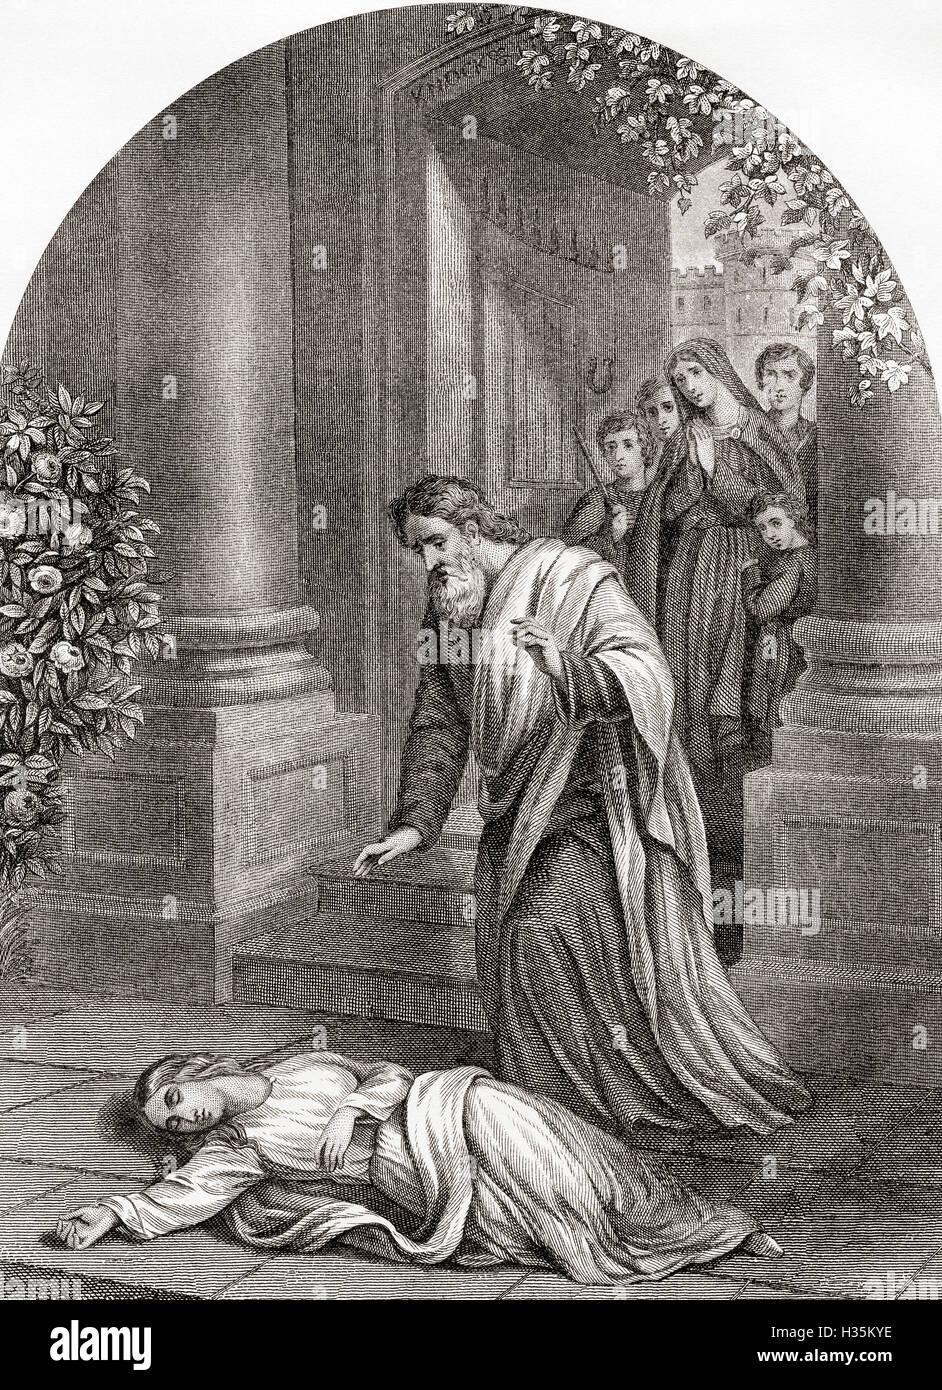 Barmherzigkeit vor dem Tor.  Illustration aus dem Jahre 1678 Roman von John Bunyan, The Pilgrim es Progress. Stockbild